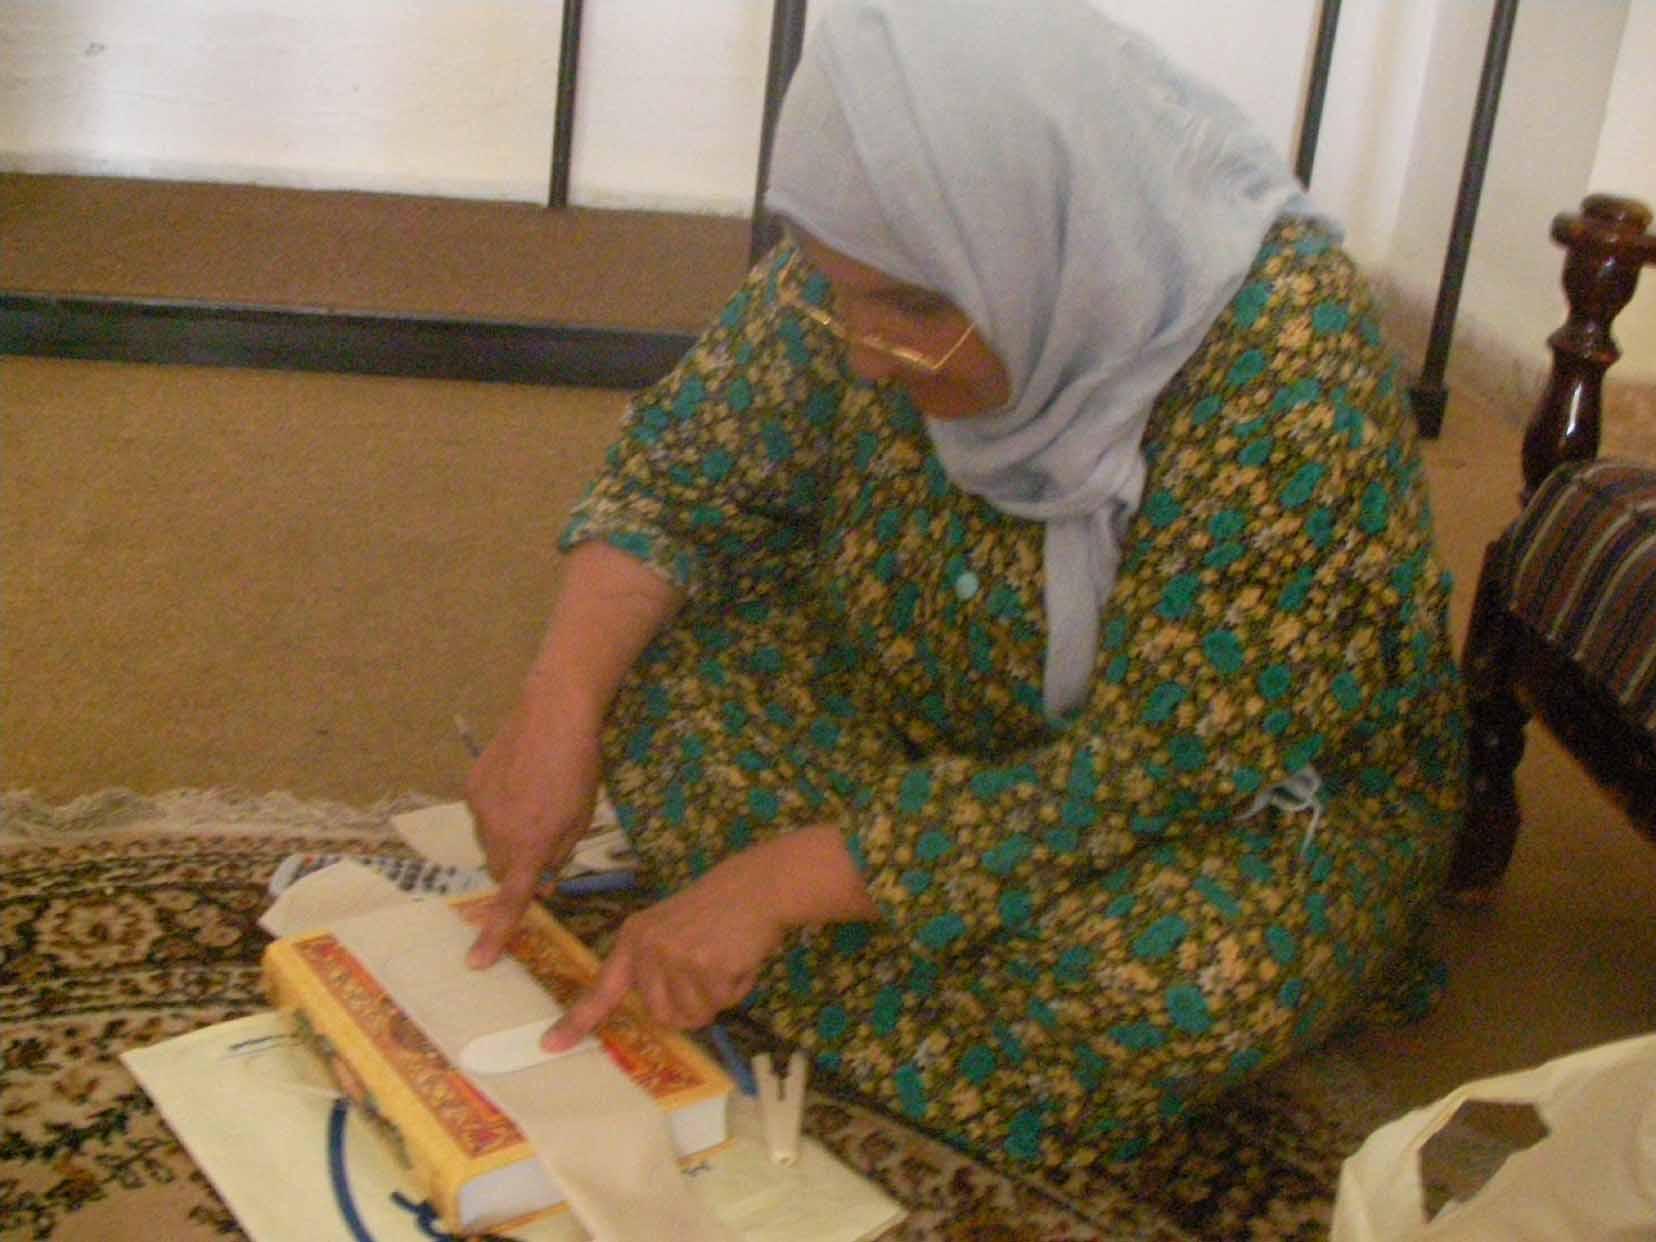 ムハンマド無事退院 3姉妹歩行訓練に打ち込む!_f0155297_0283014.jpg